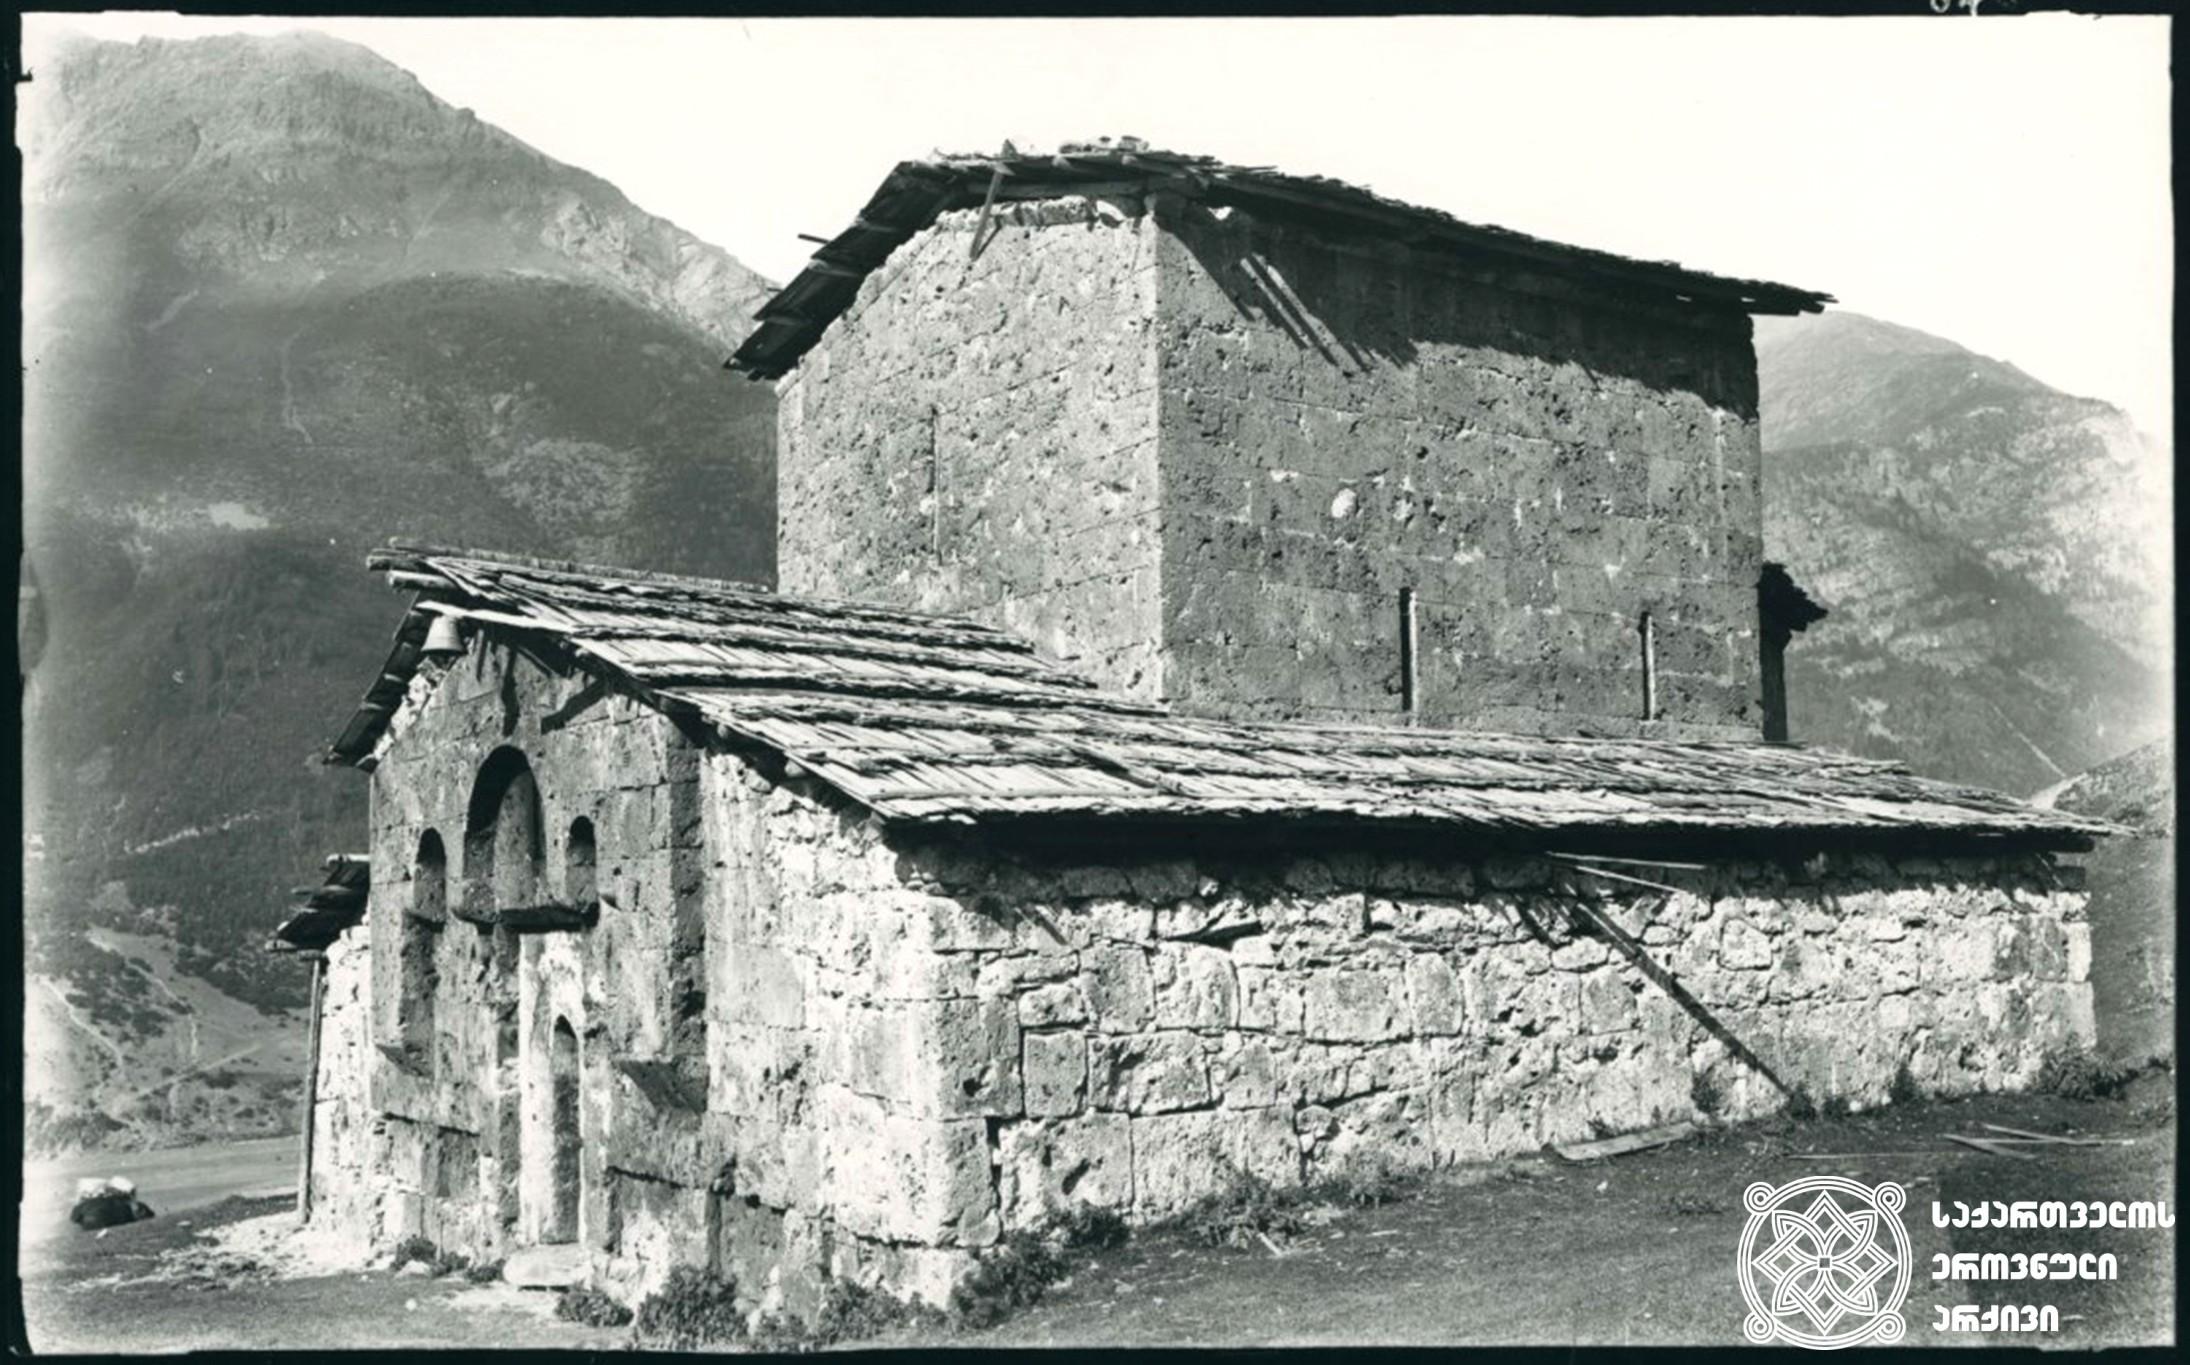 მაცხოვრის ტაძარი, მუჟალი.  <br> 1890 წელი. <br> Our Savior's church, Muzhali. <br> 1890